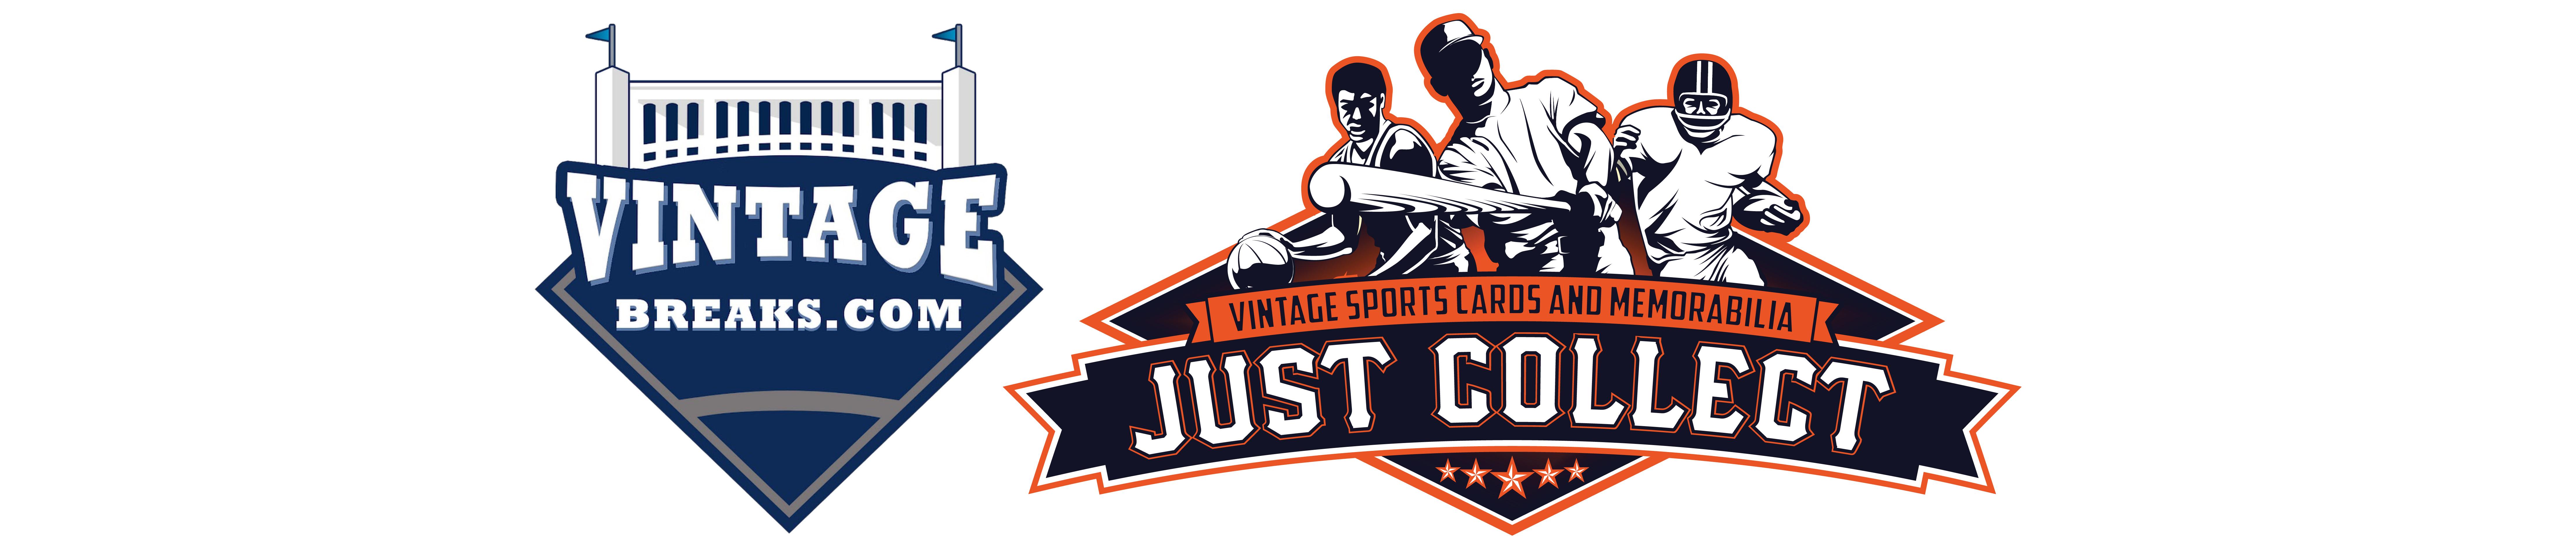 vintageBreaks-JustCollectLogos